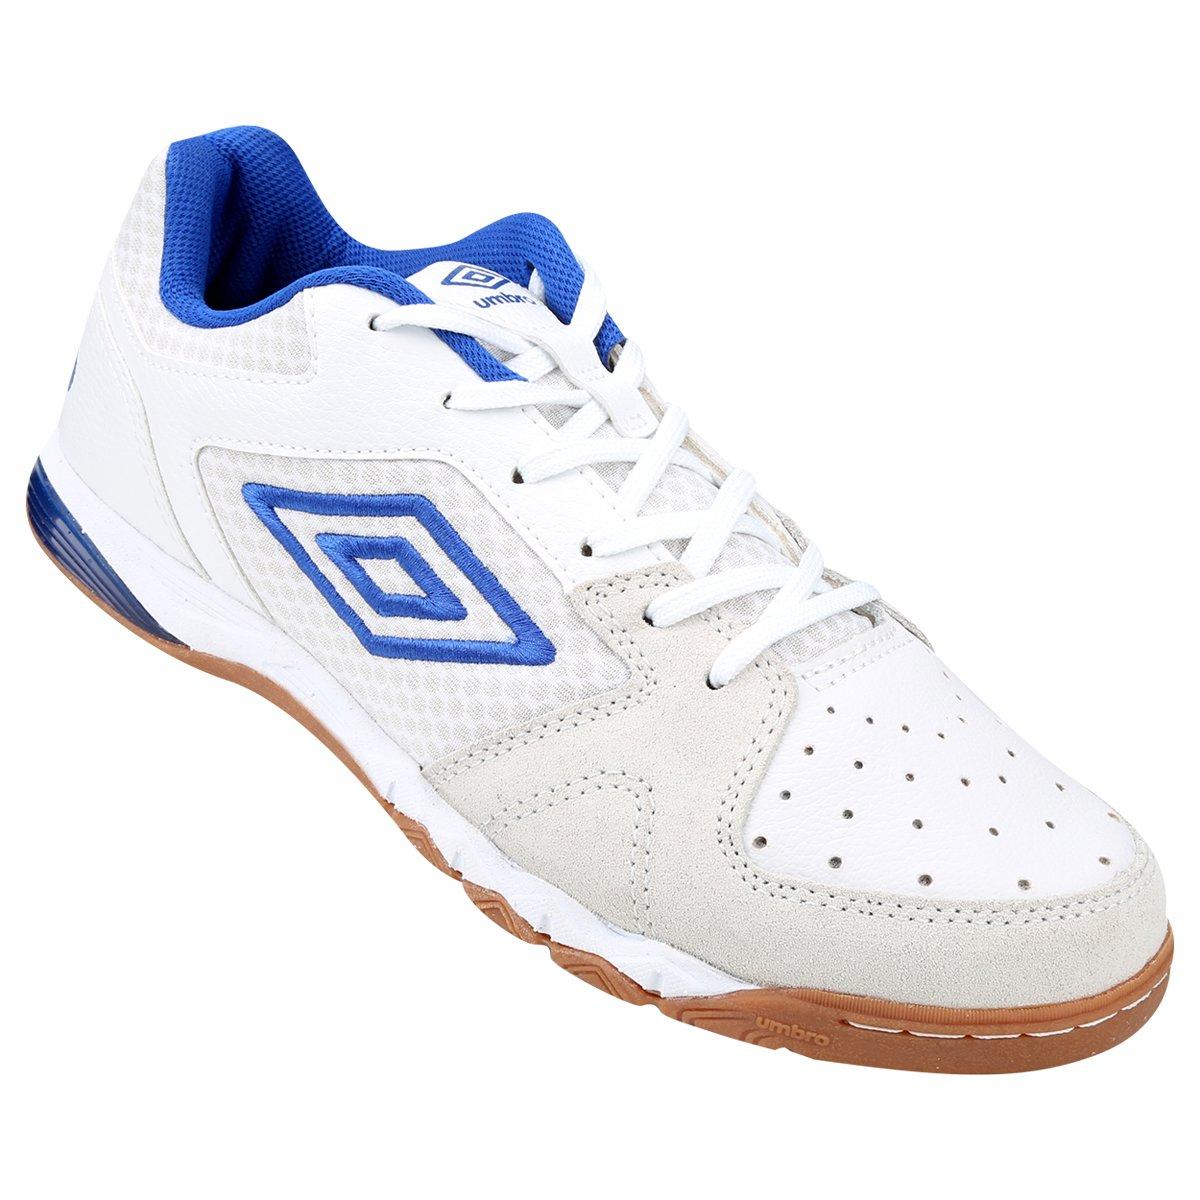 94f958303b Chuteira Umbro Pro 3 Futsal